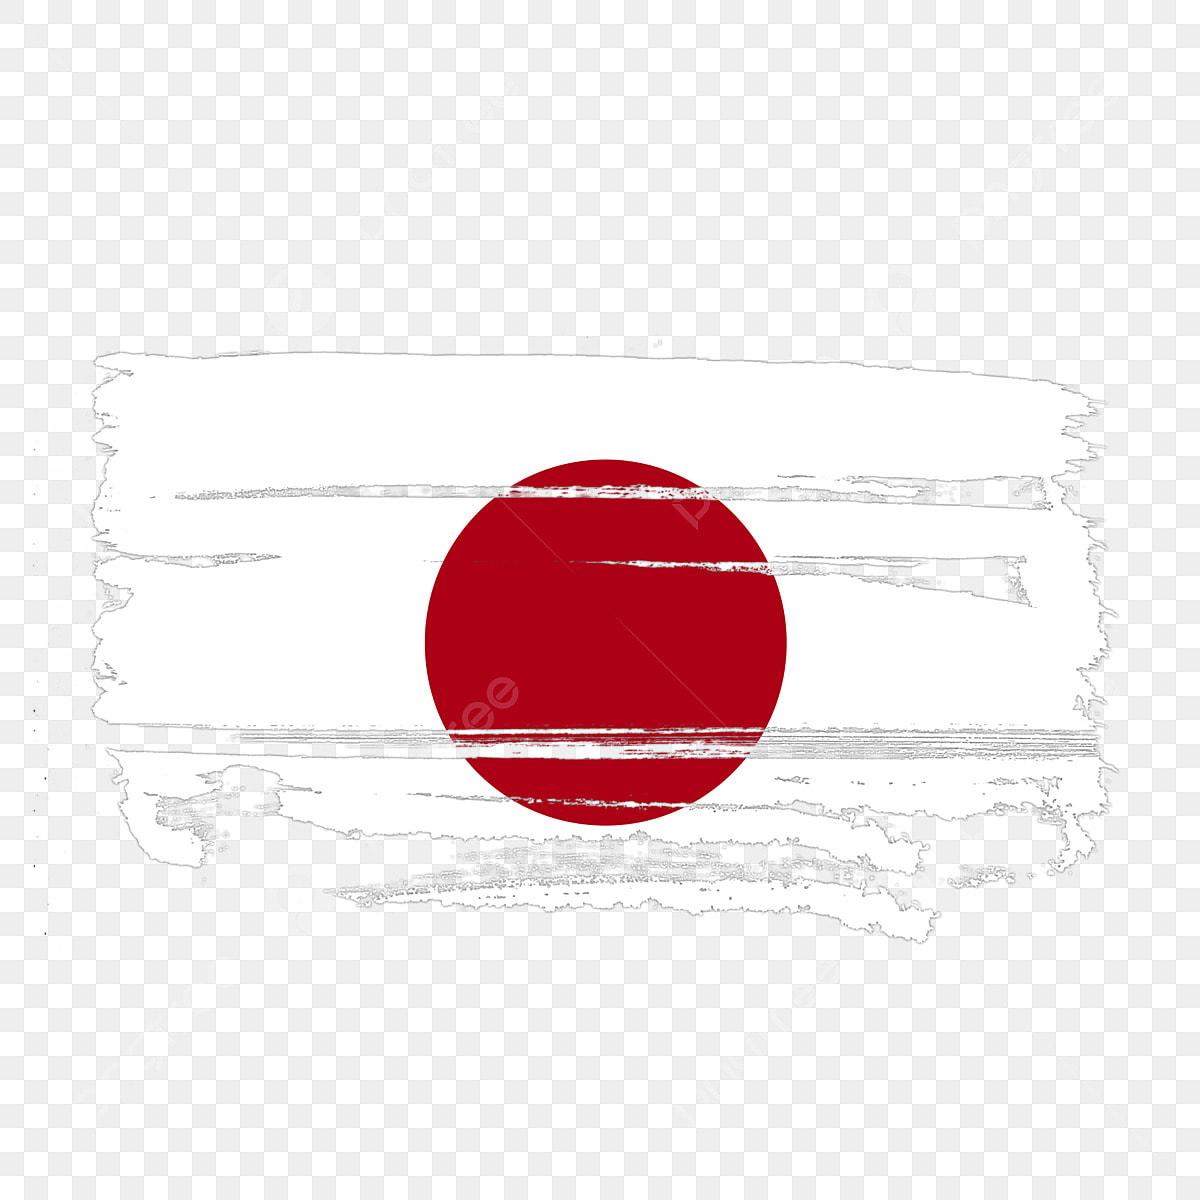 Bandera De Japon Transparente Con Pincel De Acuarela Japon La